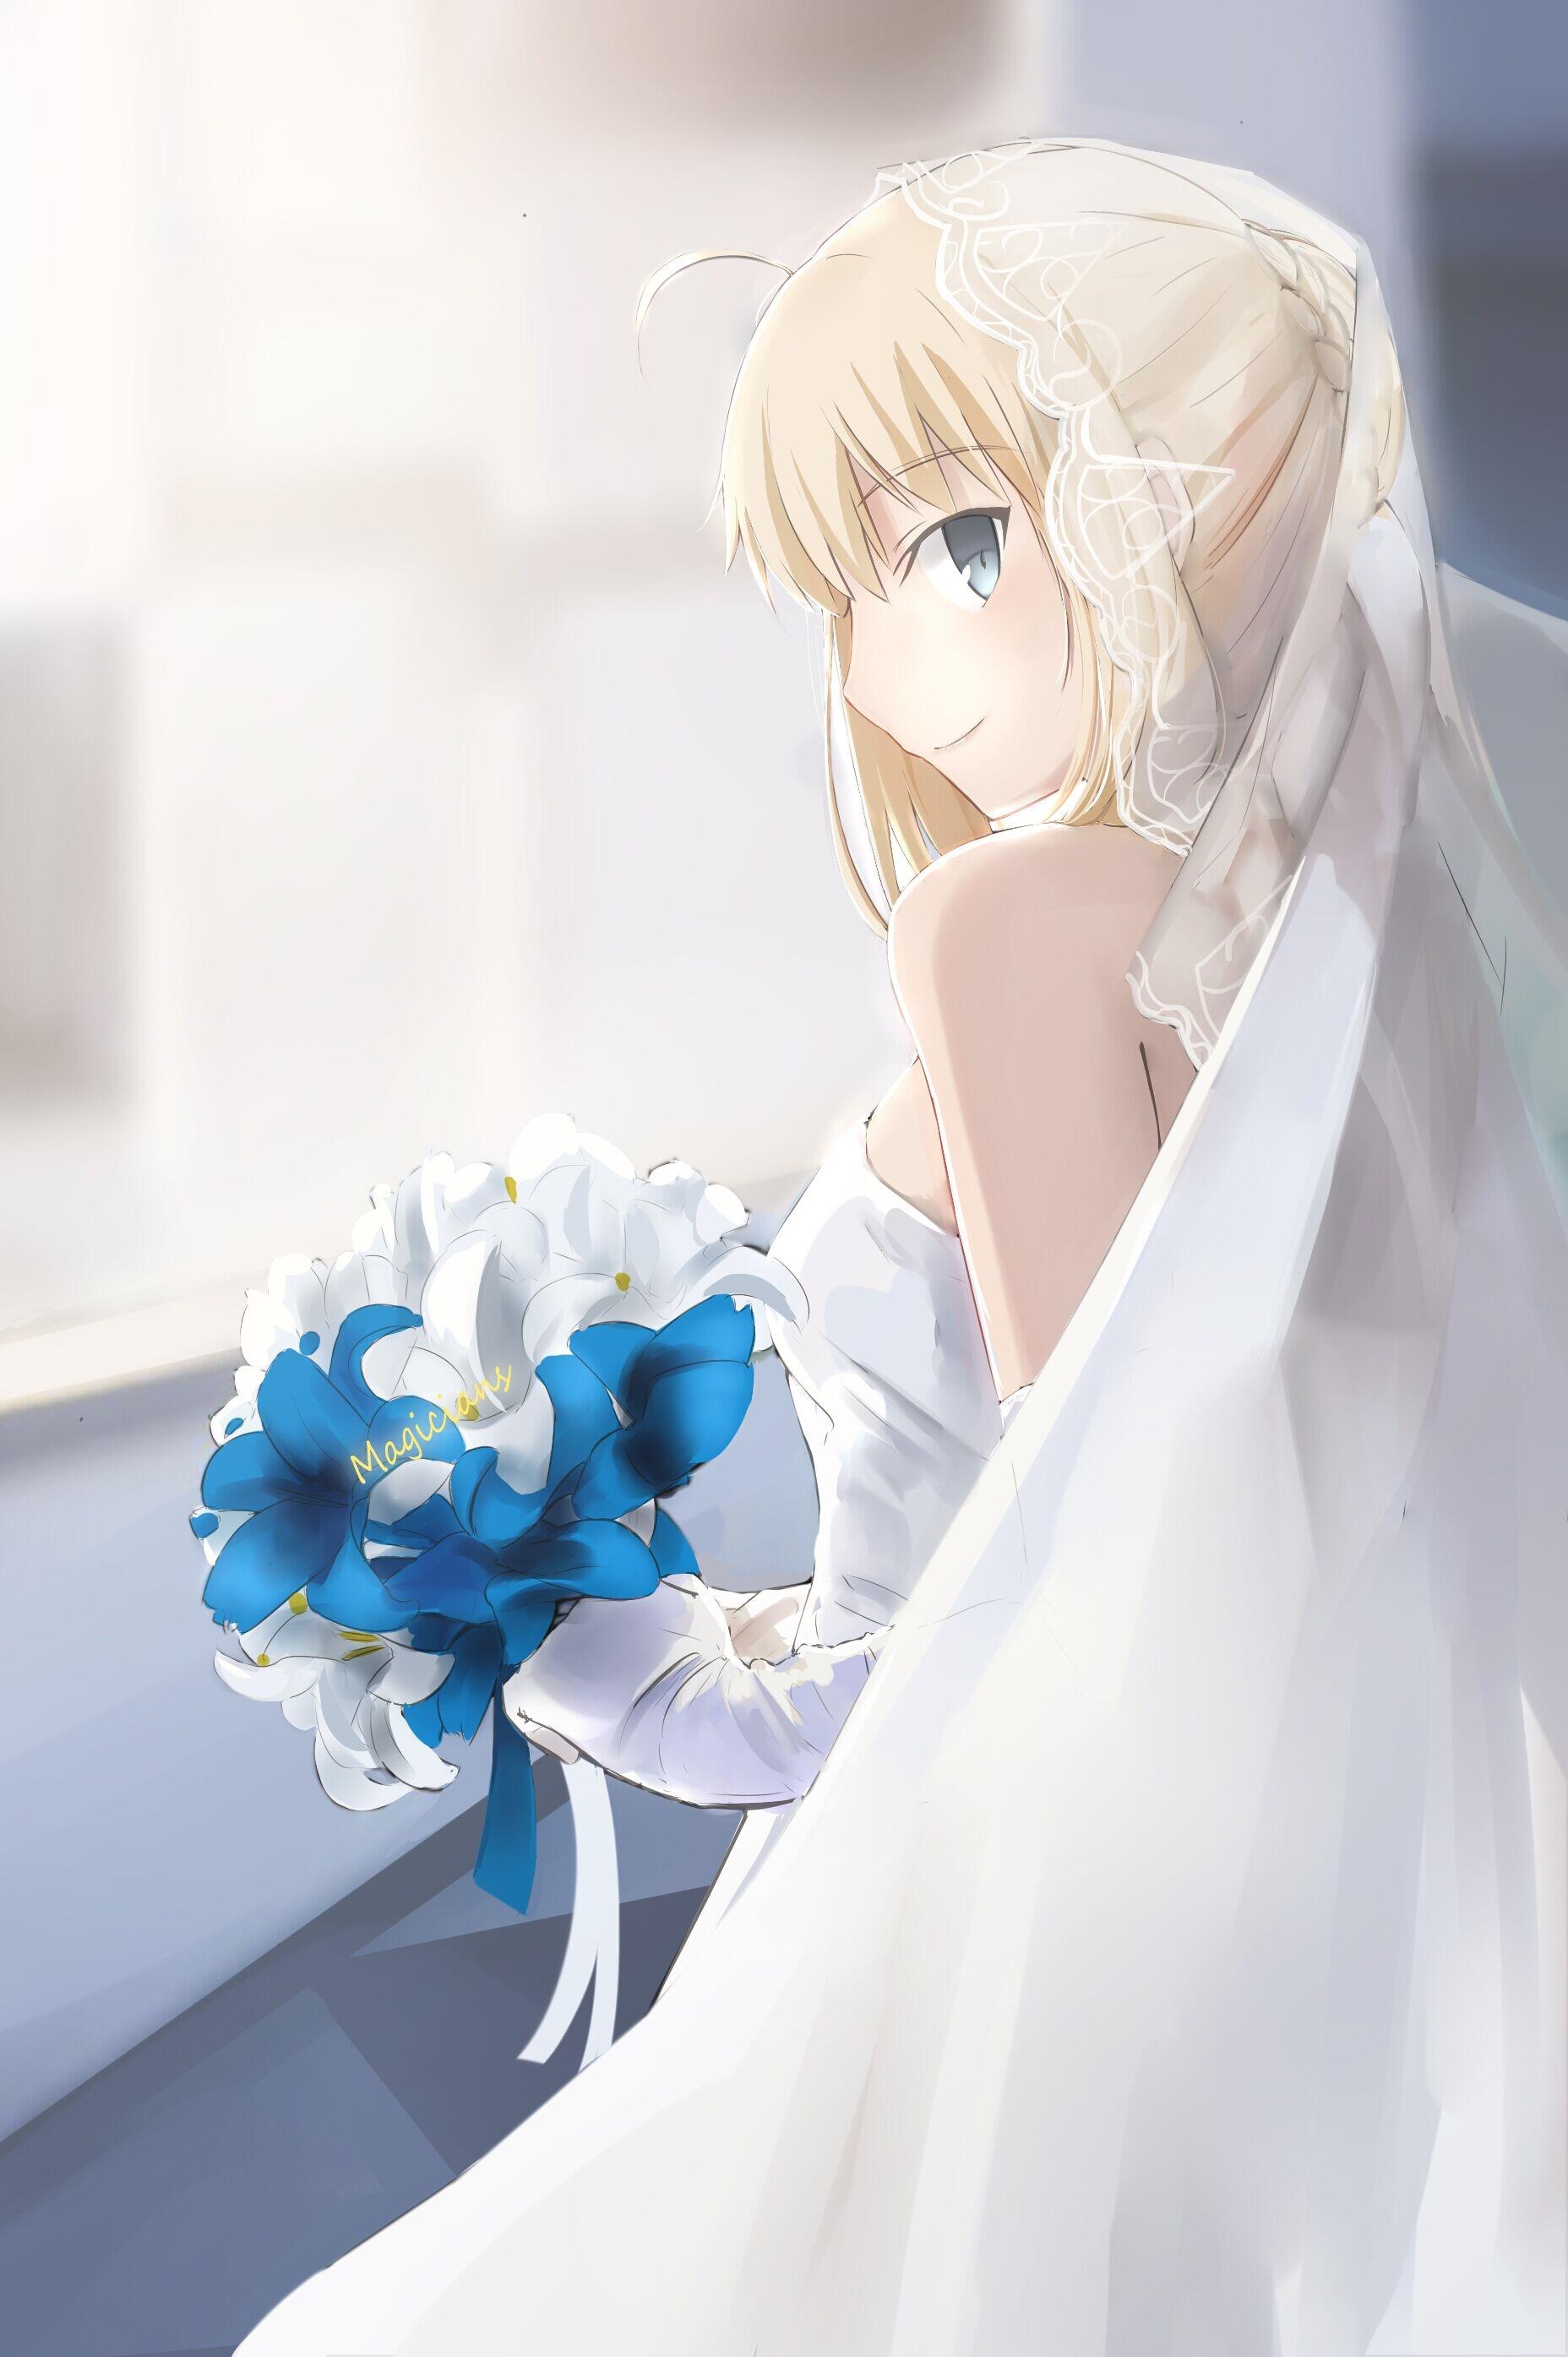 Saber wedding